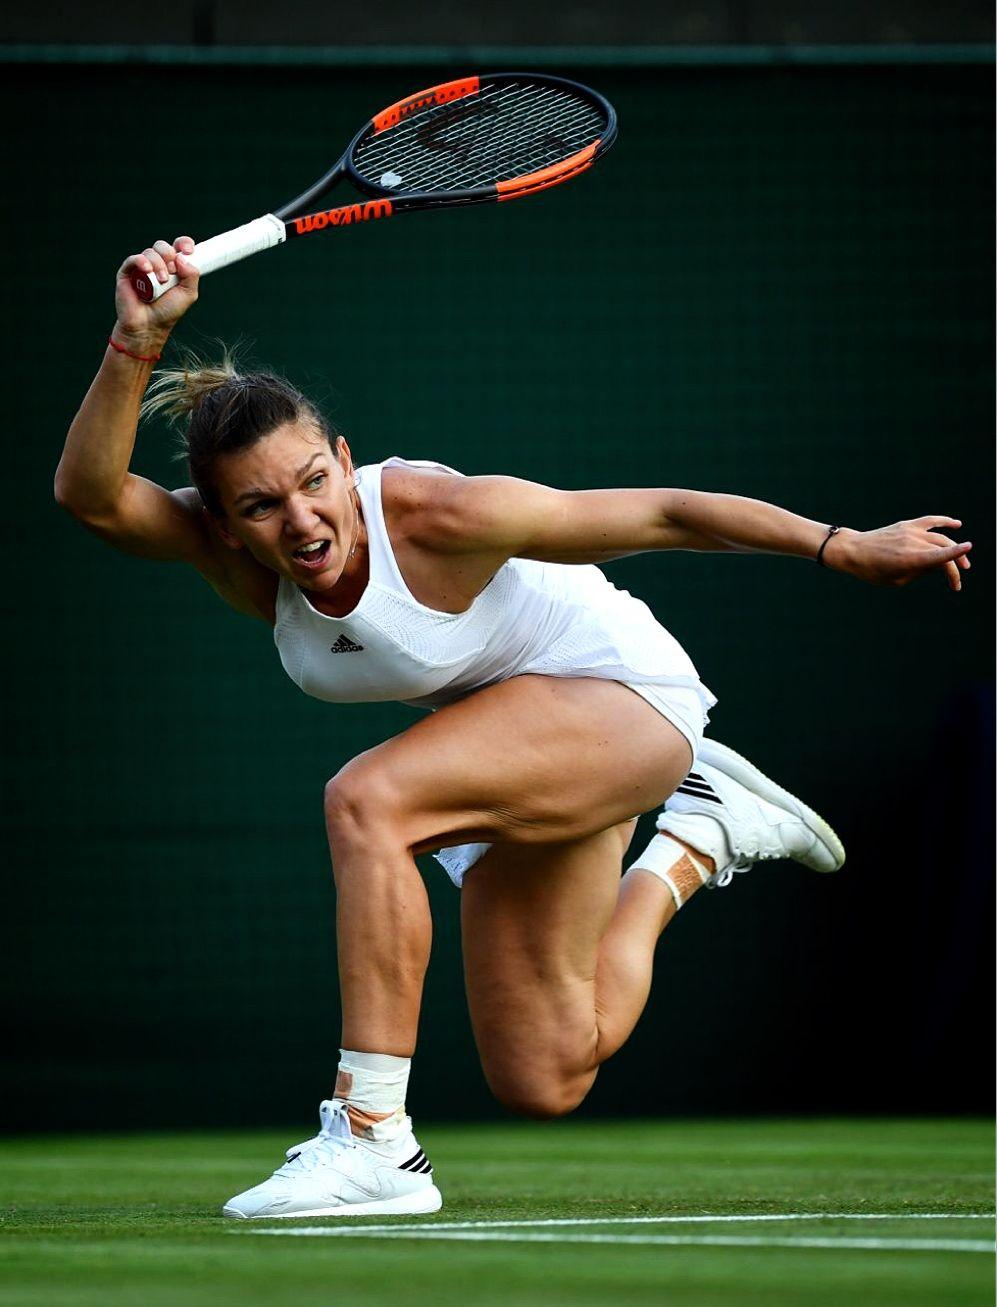 🇷🇴シモナ・ハレプ | Tennis photography, Tennis, Tennis players female